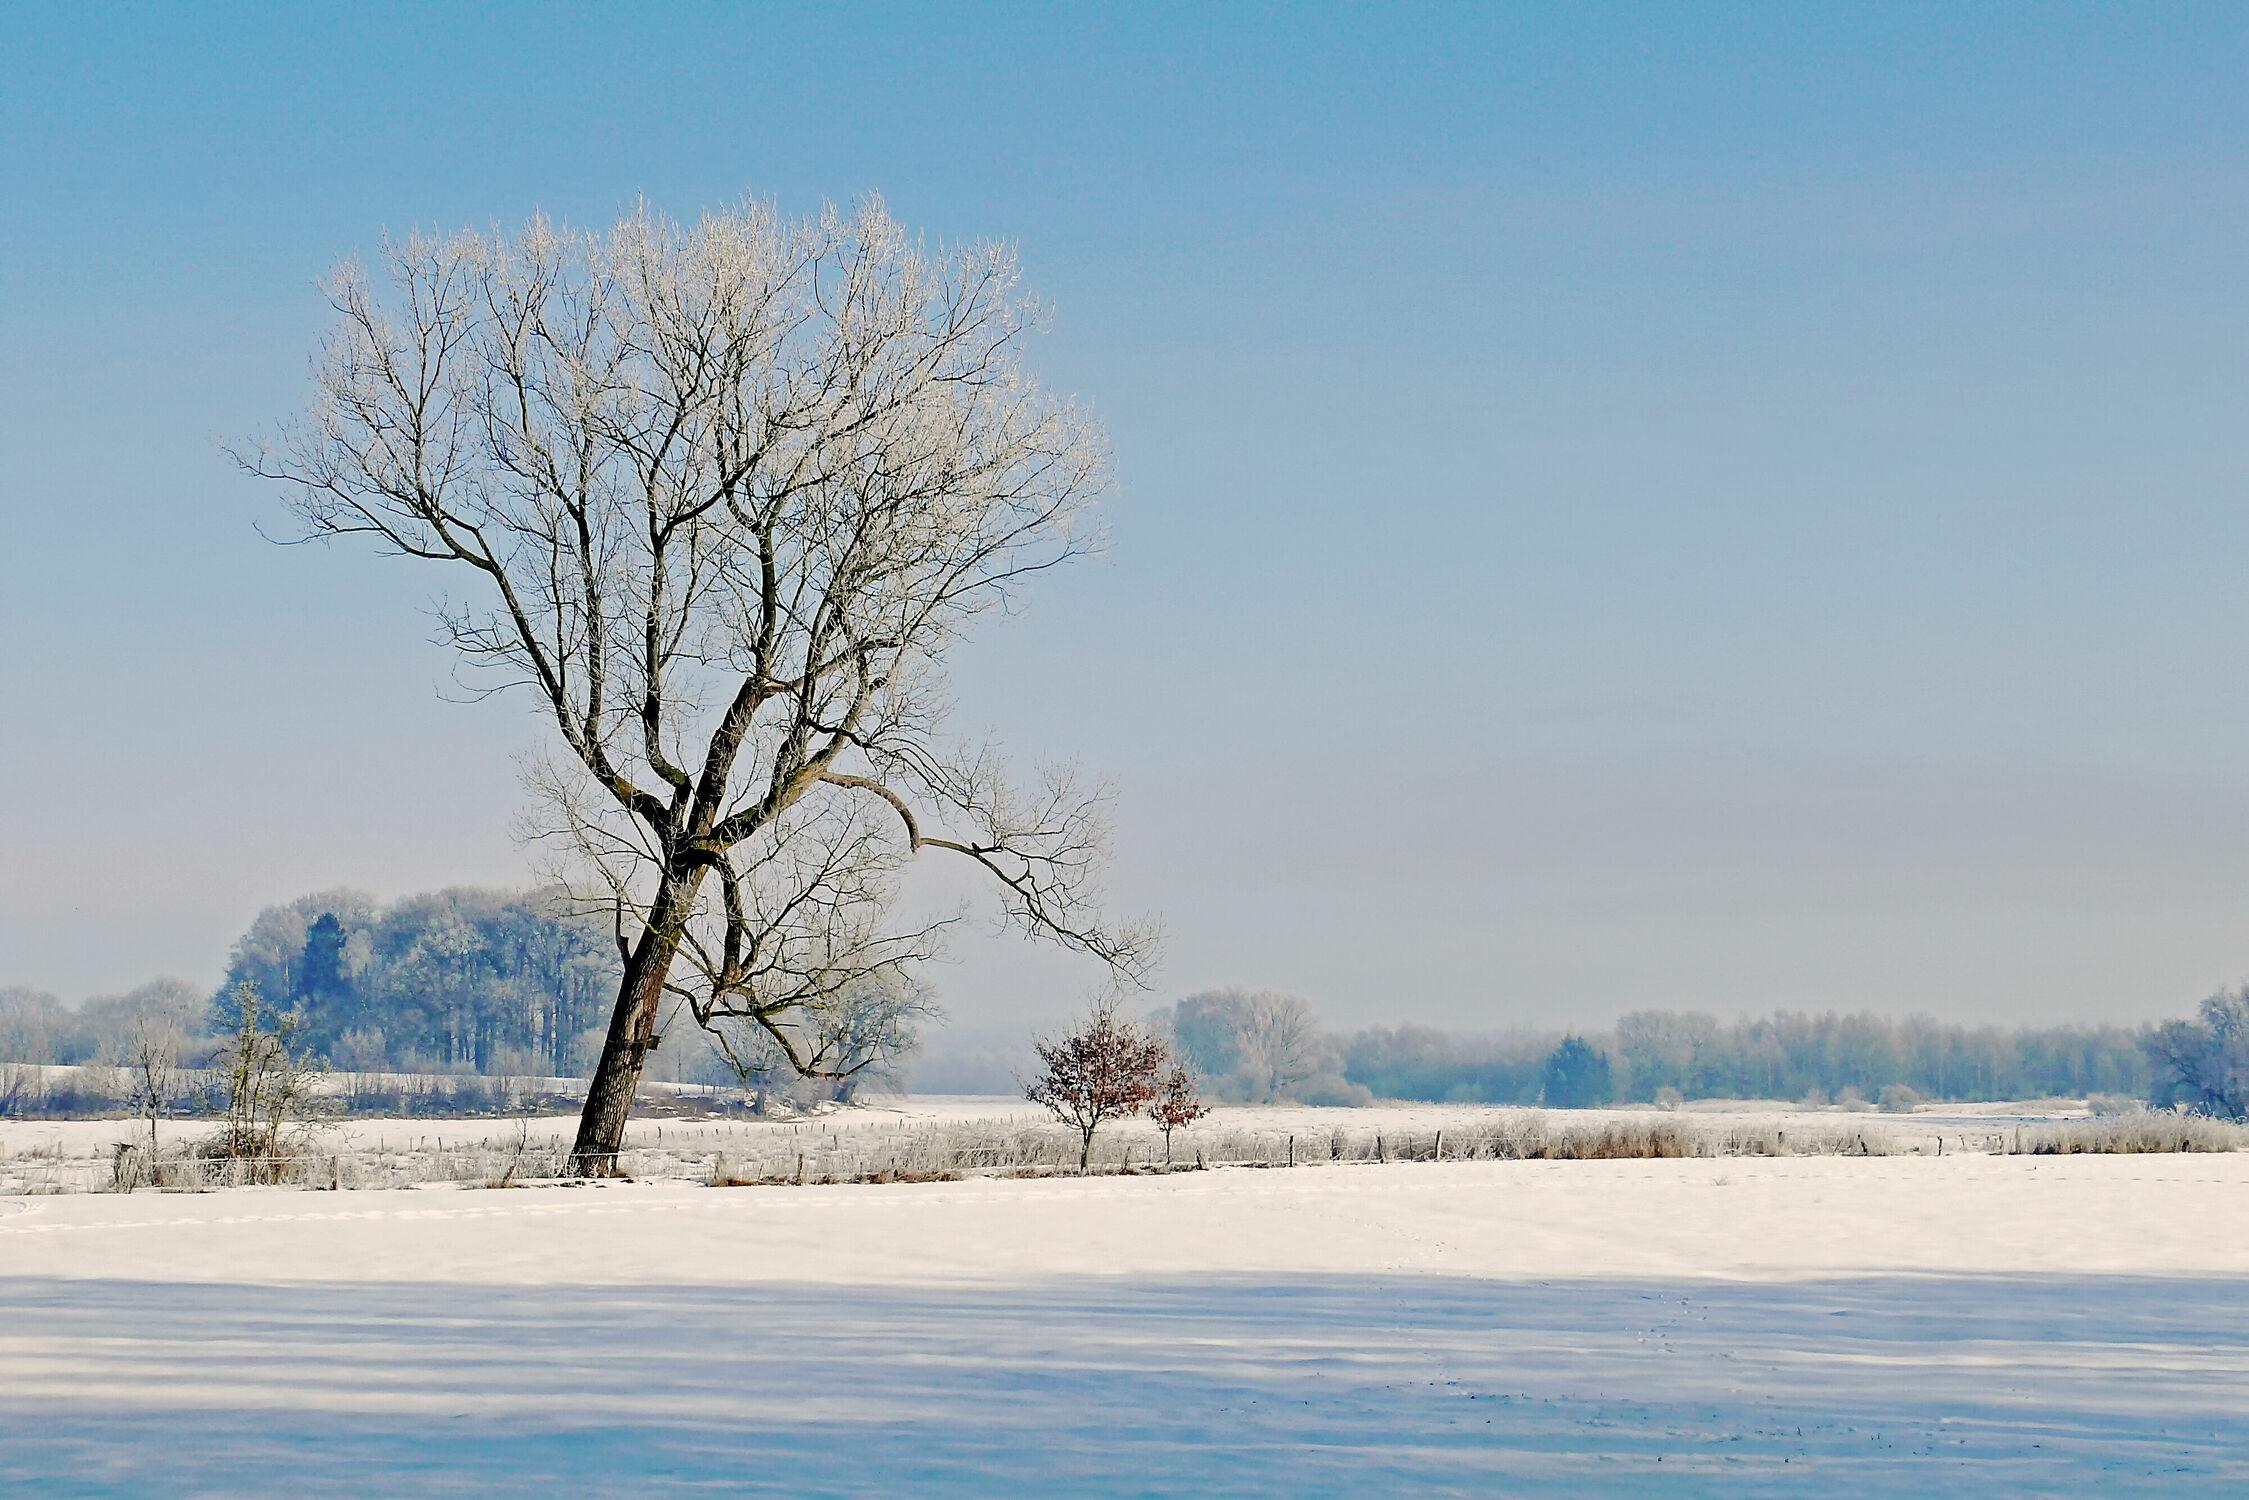 Bild mit Landschaften, Himmel, Bäume, Winter, Schnee, Blau, Felder, Winterlandschaften, Wiesen, Raureif, Dunst, Weites_Land, Prachtwinter